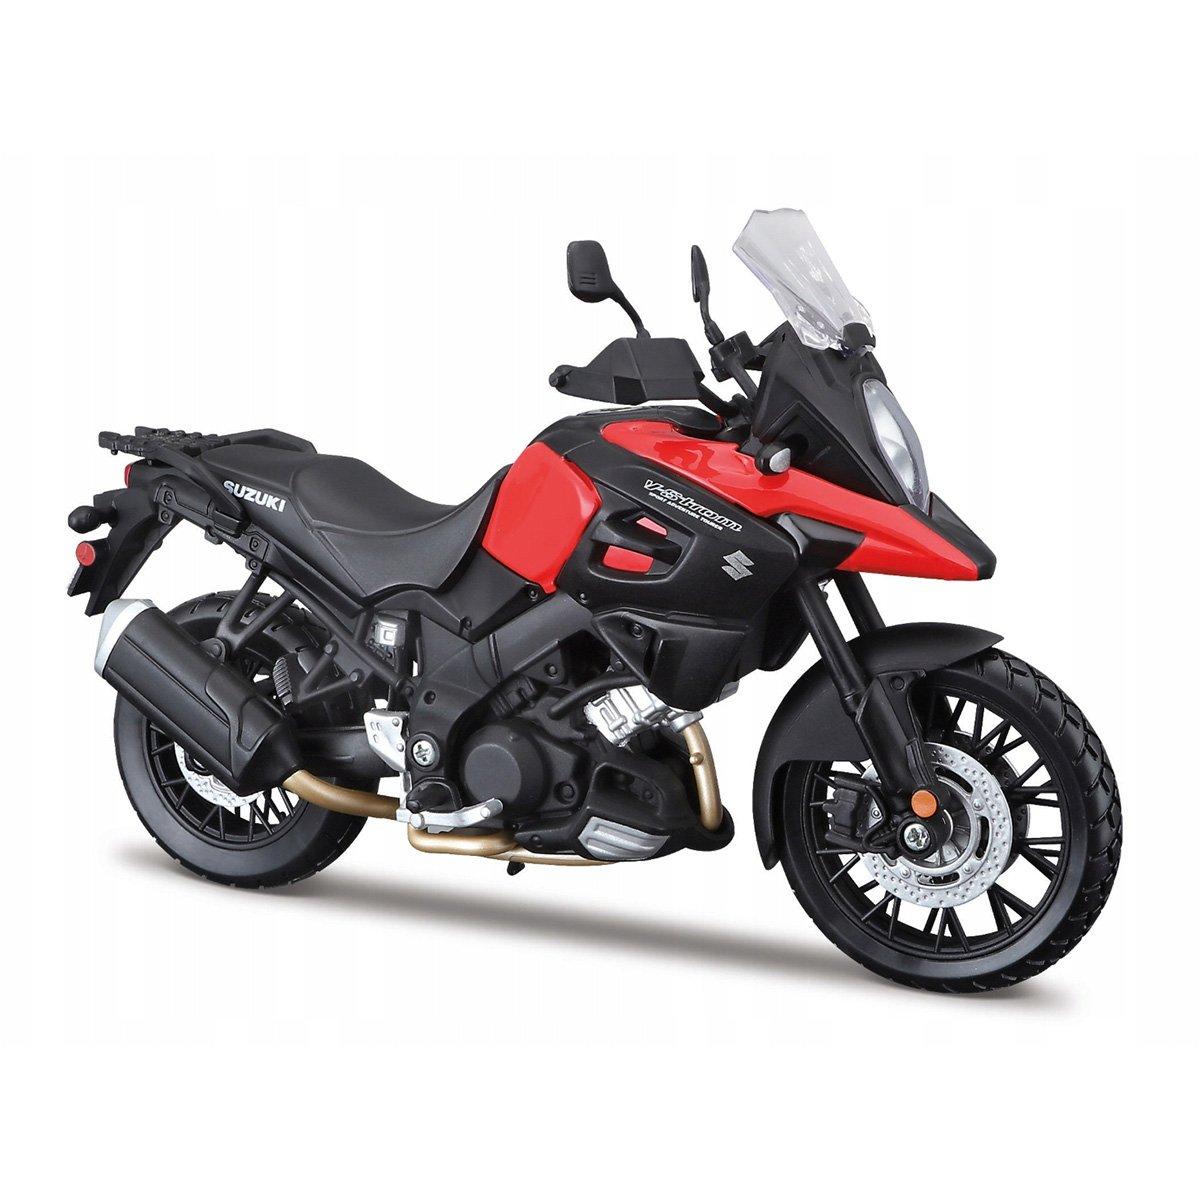 Motocicleta Maisto Suzuki V-Storm, 1:12